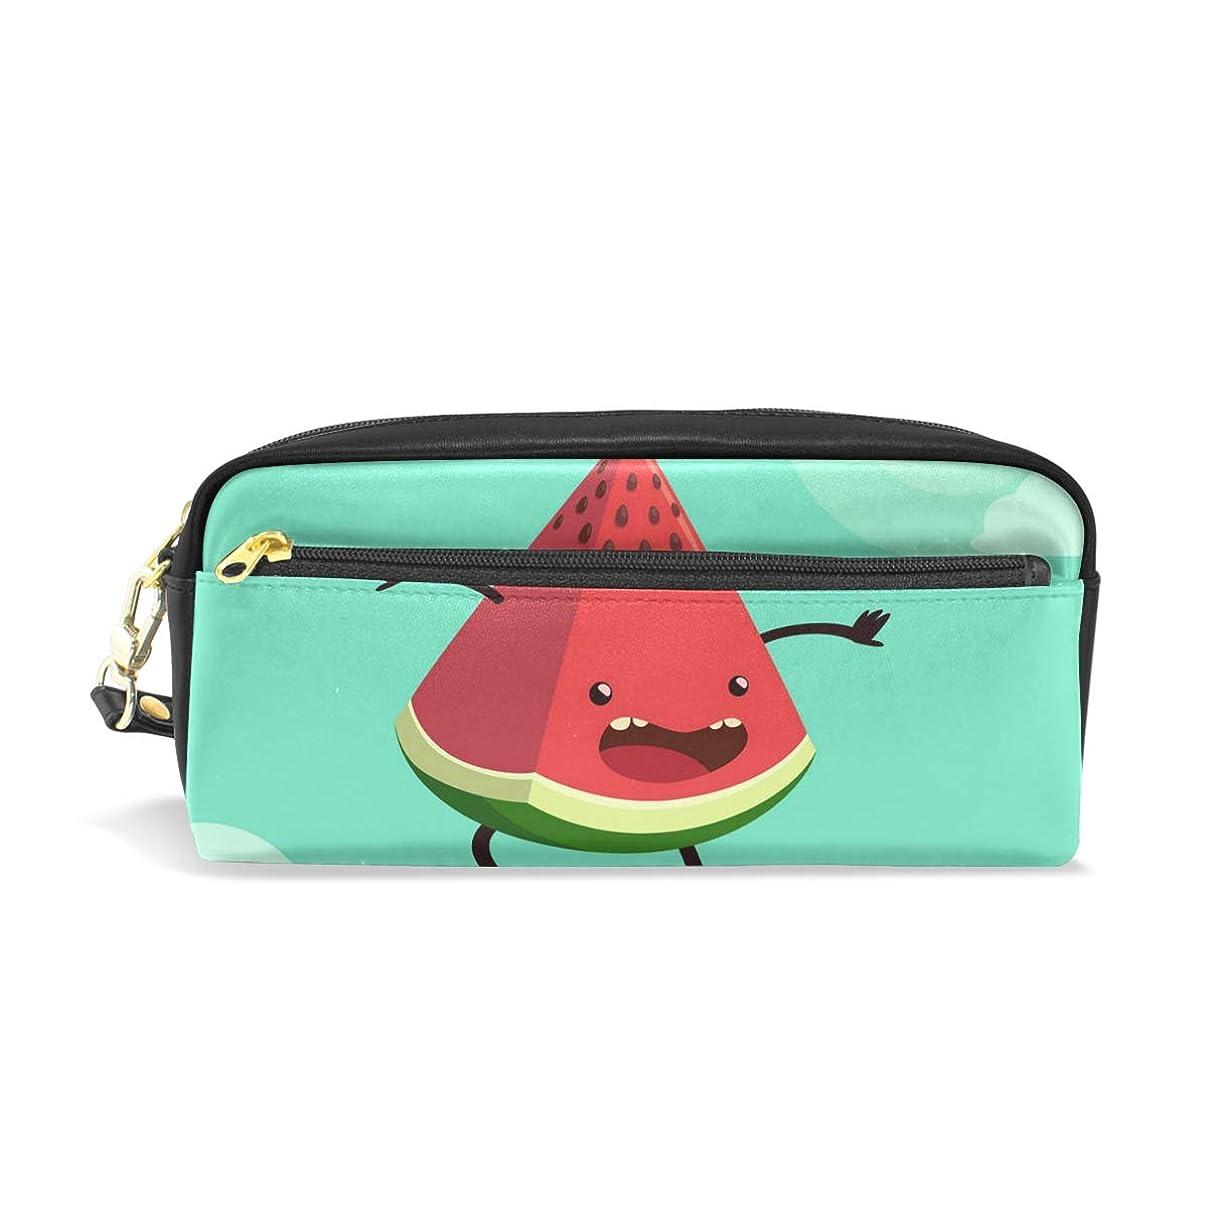 部エゴイズム荒廃するAOMOKI ペンケース 小物入り 多機能バッグ ペンポーチ 化粧ポーチ 男女兼用 ギフト プレゼント おしゃれ スイカ 可愛い 果物 フルーツ